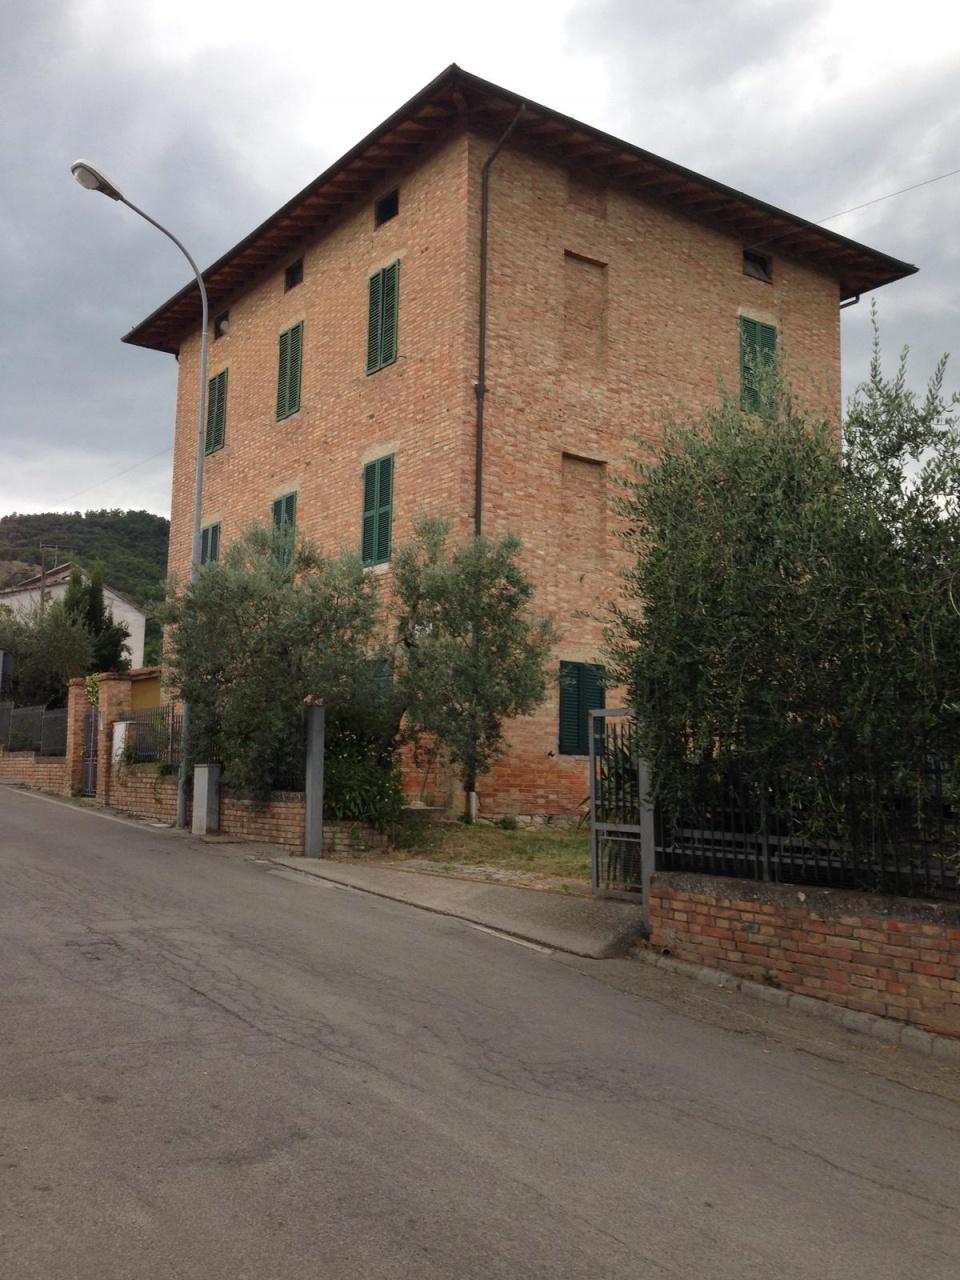 Rustico / Casale in vendita a San Casciano dei Bagni, 18 locali, prezzo € 198.000 | CambioCasa.it